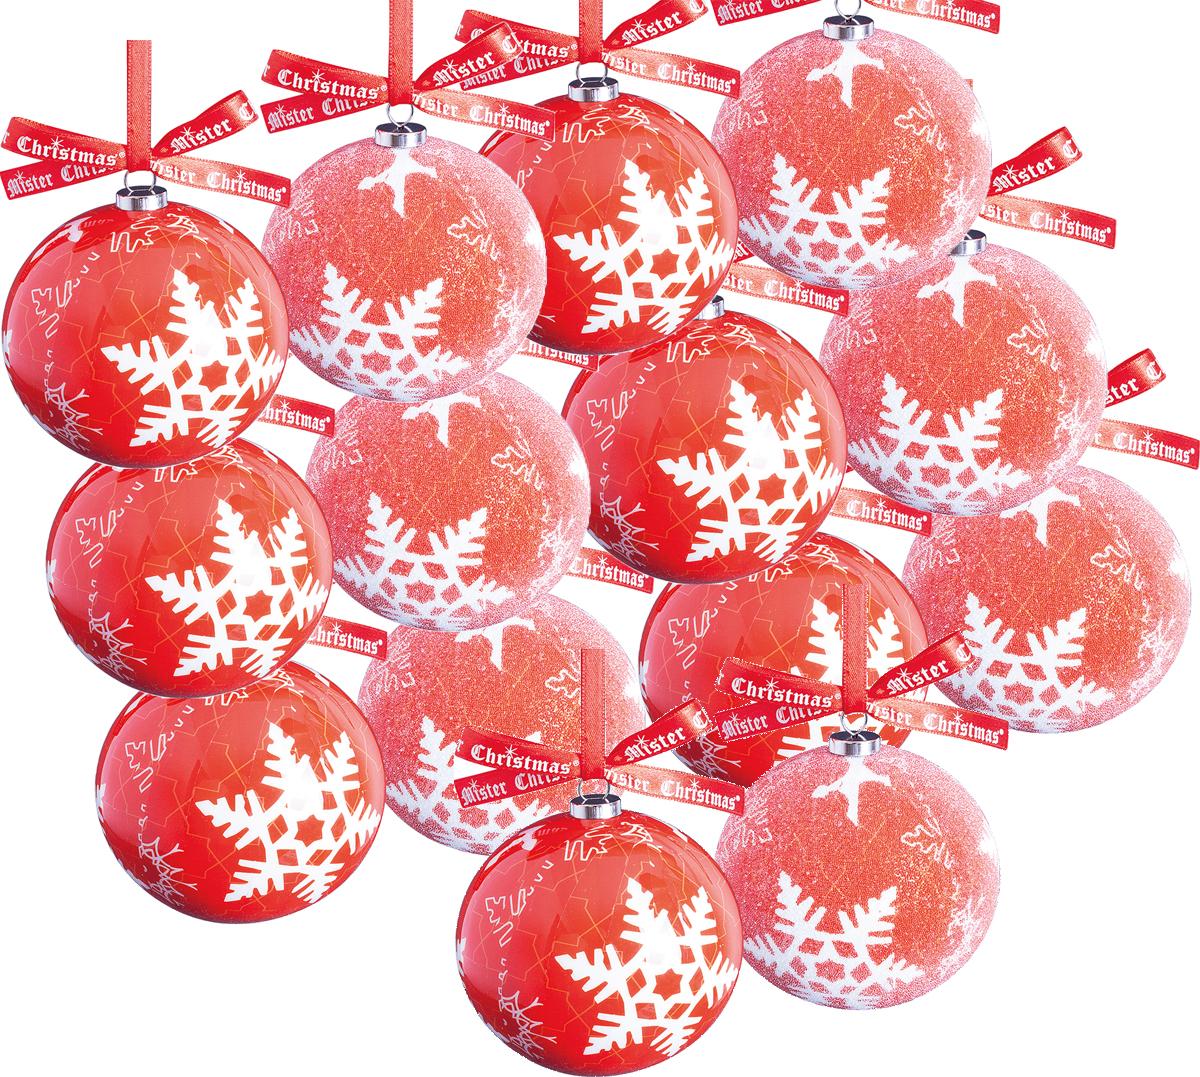 Набор новогодних подвесных украшений Mister Christmas Папье-маше, диаметр 7,5 см, 14 шт. PM-31-14PM-31-14Набор Mister Christmas Папье-маше состоит из 14подвесных украшений ручной работы, изготовленных втехнике папье-маше. Такие шары очень легкие, но в то жевремя удивительно прочные. На создание одной такойигрушки уходит несколько дней. И в результате получаетсянастоящее произведение искусства!Все изделия оснащены атласной ленточкой с логотипомбренда Mister Christmas для подвешивания.Такие украшения станут превосходным подарком кНовому году, а также дополнят коллекцию оригинальныхновогодних елочных игрушек.